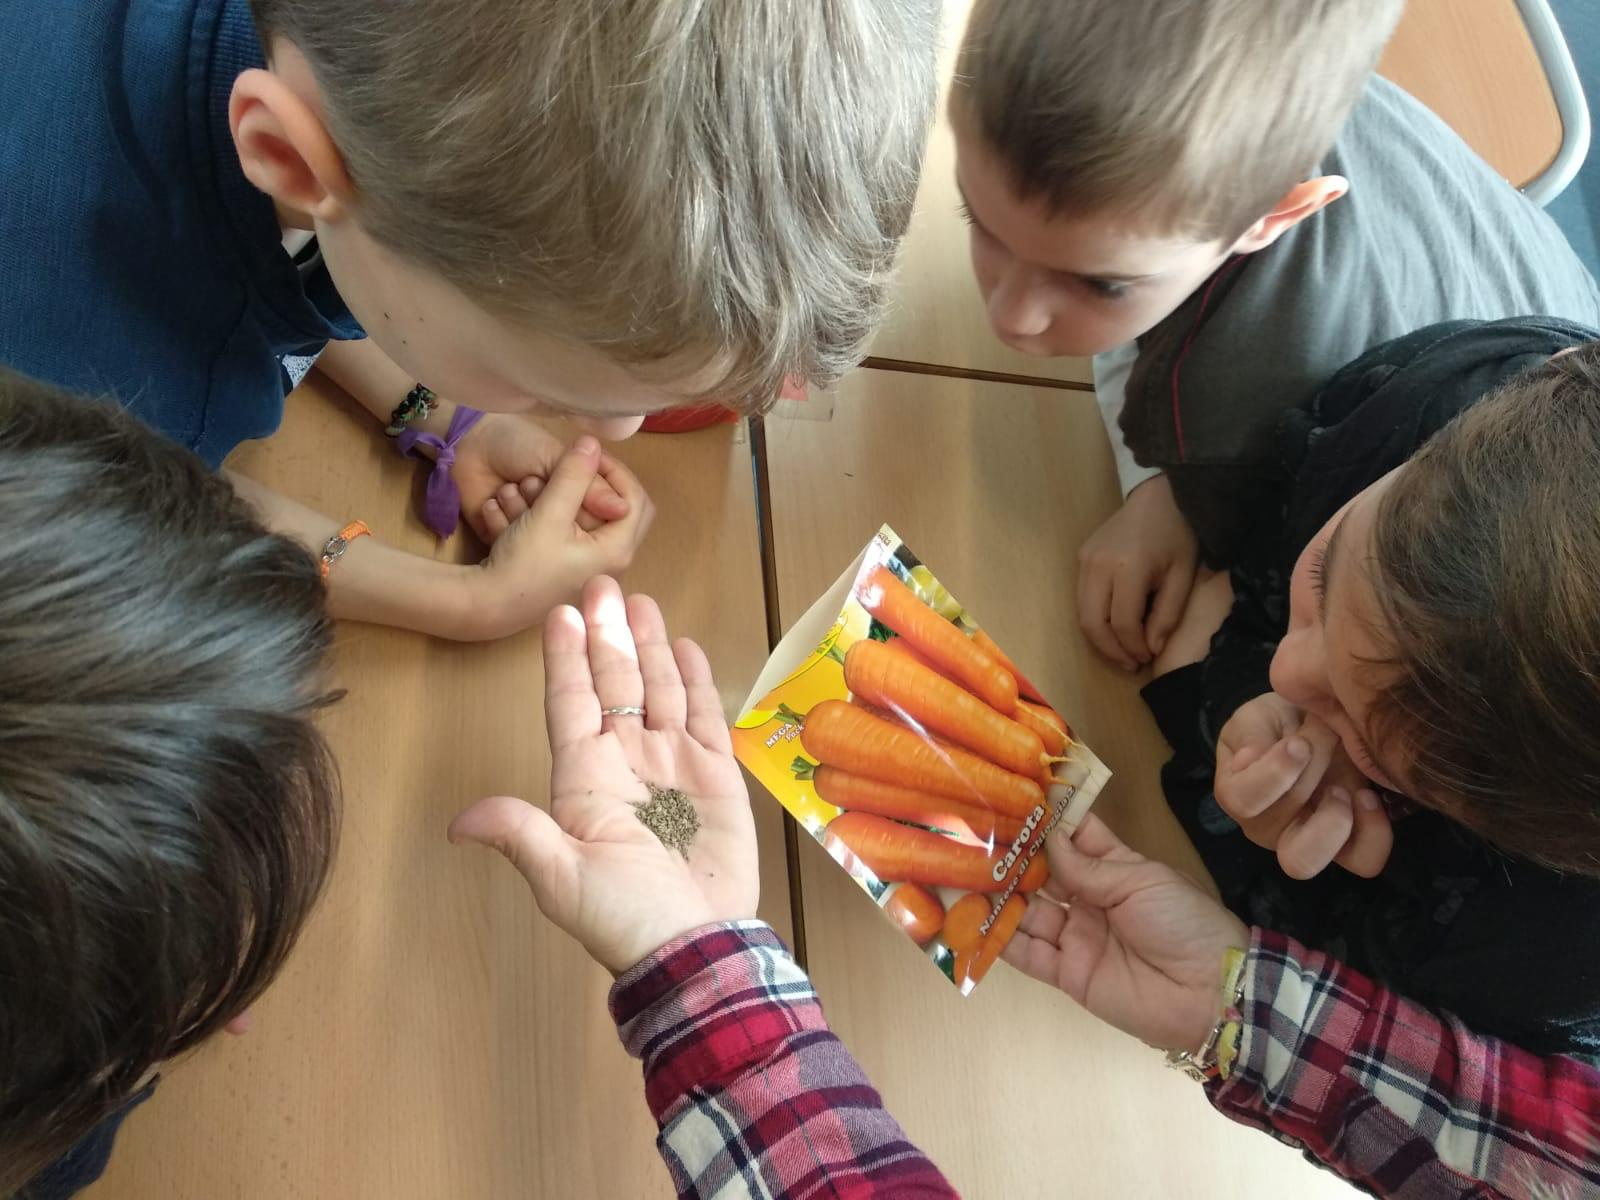 Que passarà si plantem pastanagues i raves?